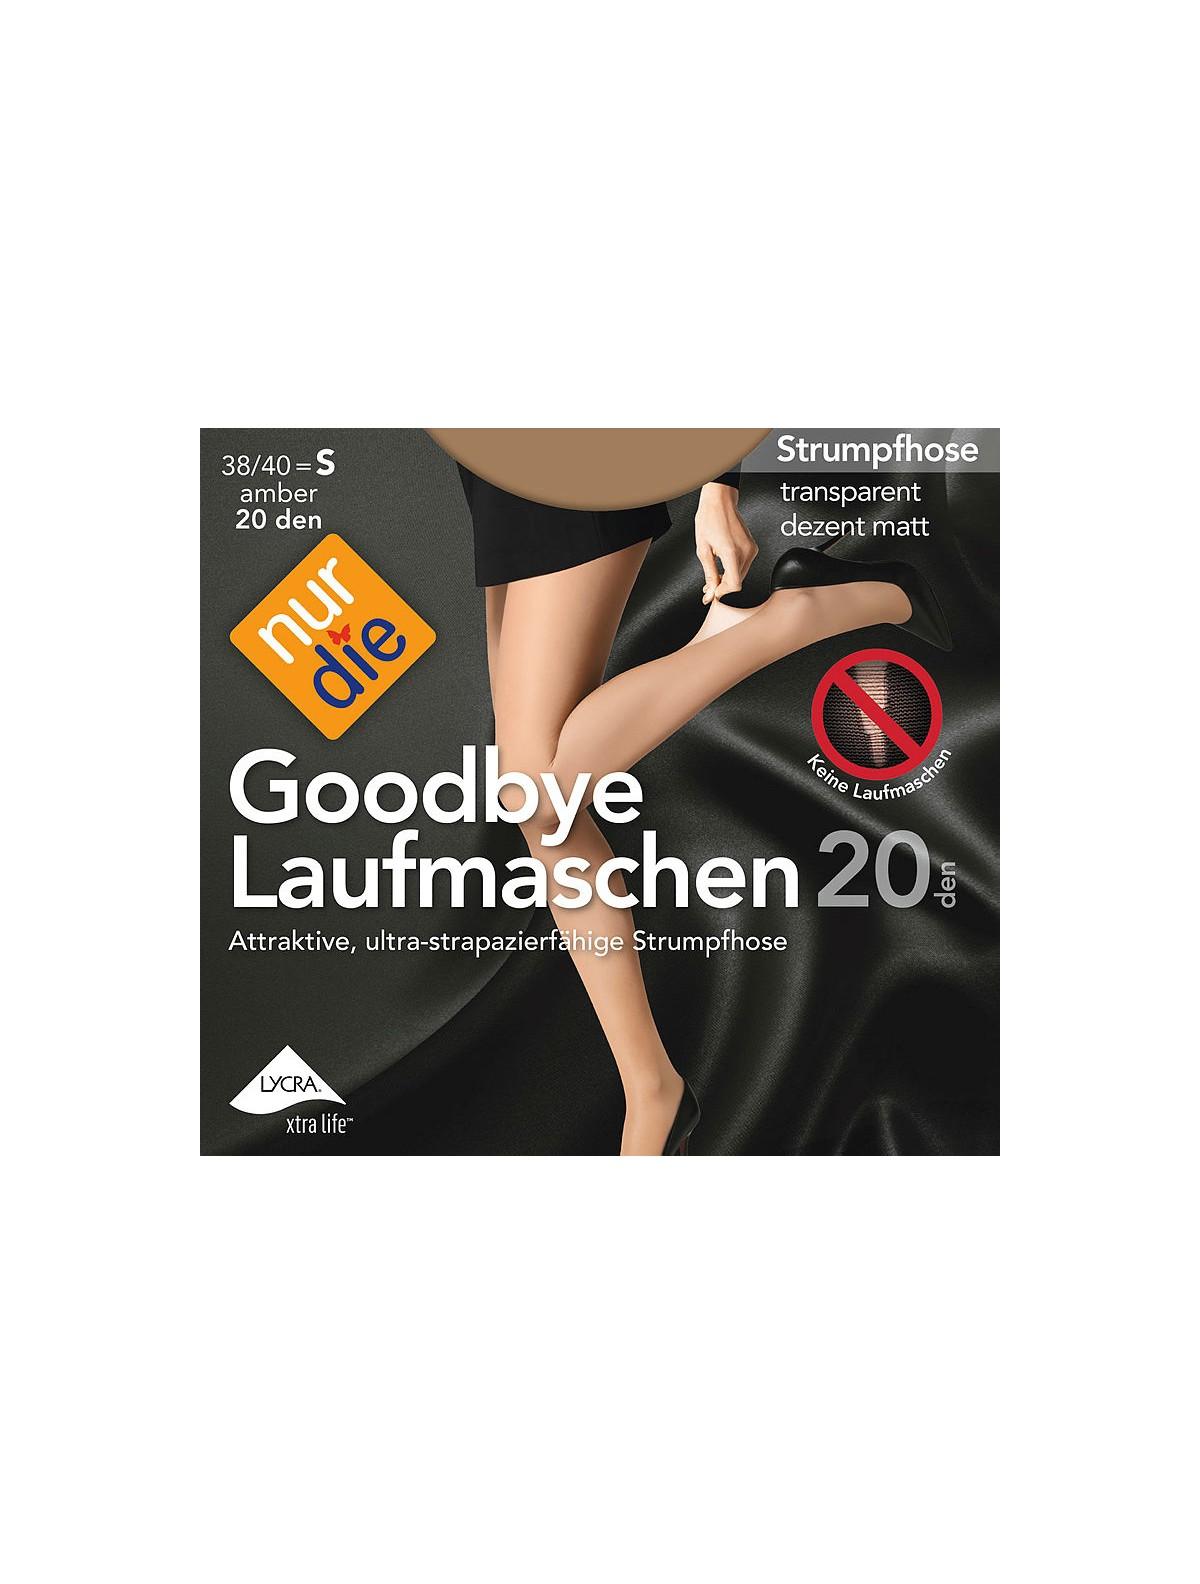 nur die goodbye laufmaschen 20 strumpfhose 20den. Black Bedroom Furniture Sets. Home Design Ideas